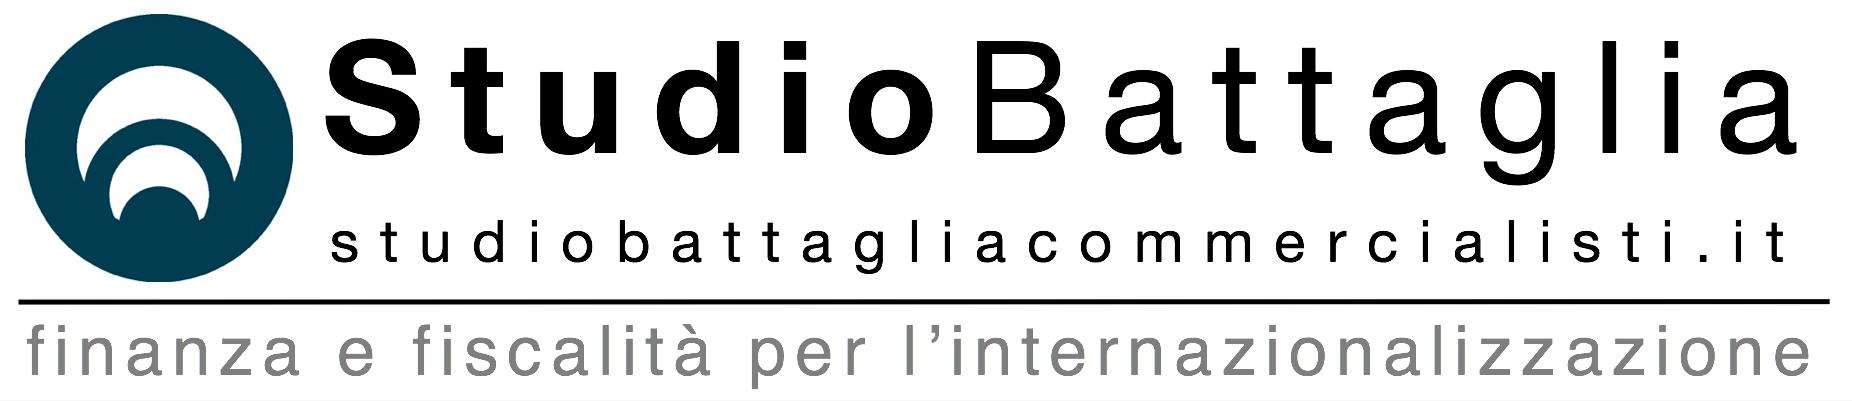 Studio Battaglia Commercialisti